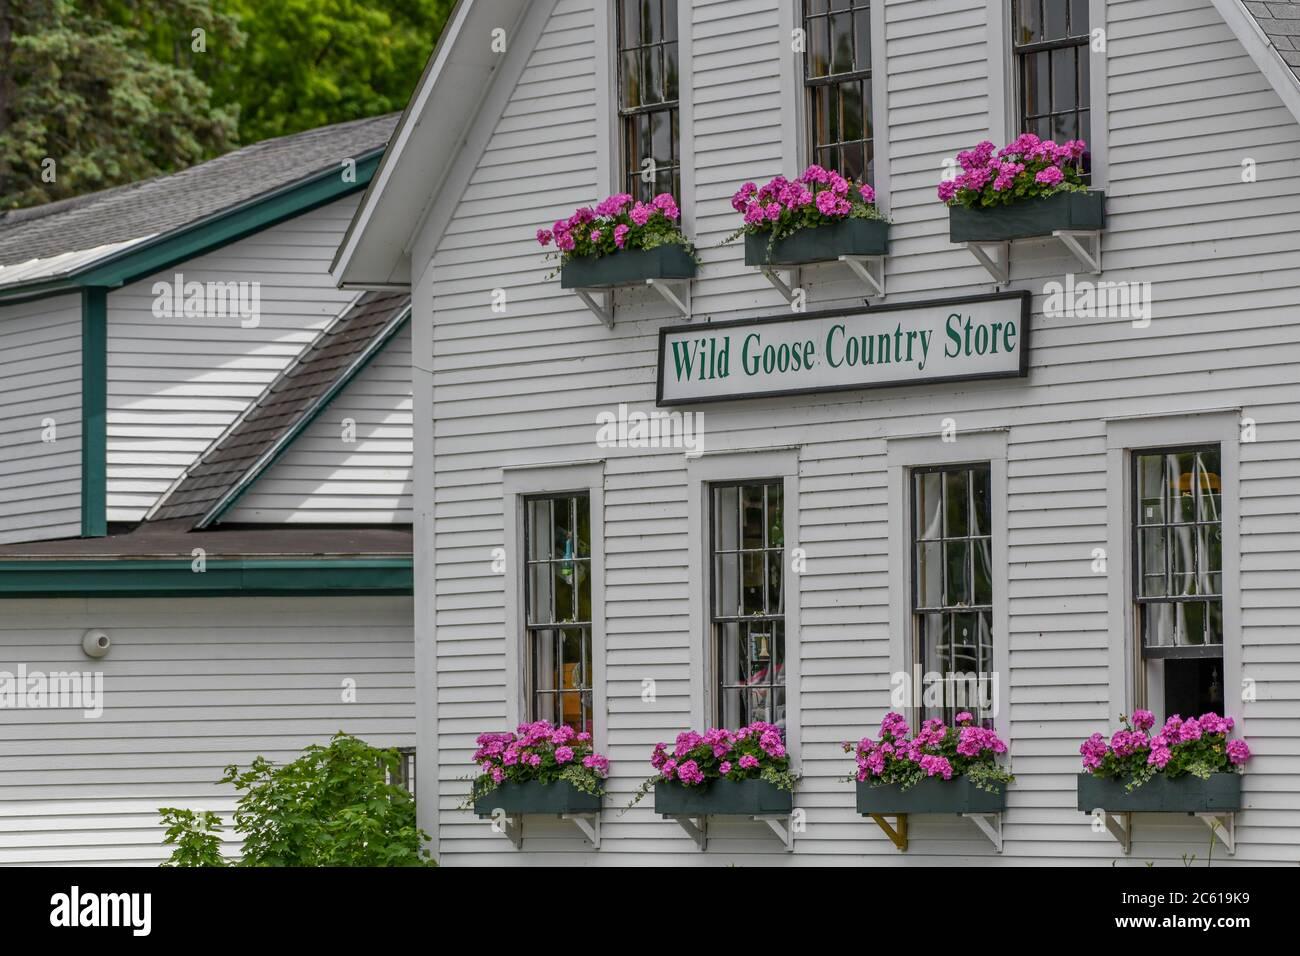 Wild Goose Country Store - Sunapee NH - New Hampshire Lake Sunapee - lac glaciaire alimenté par une source - Banque D'Images